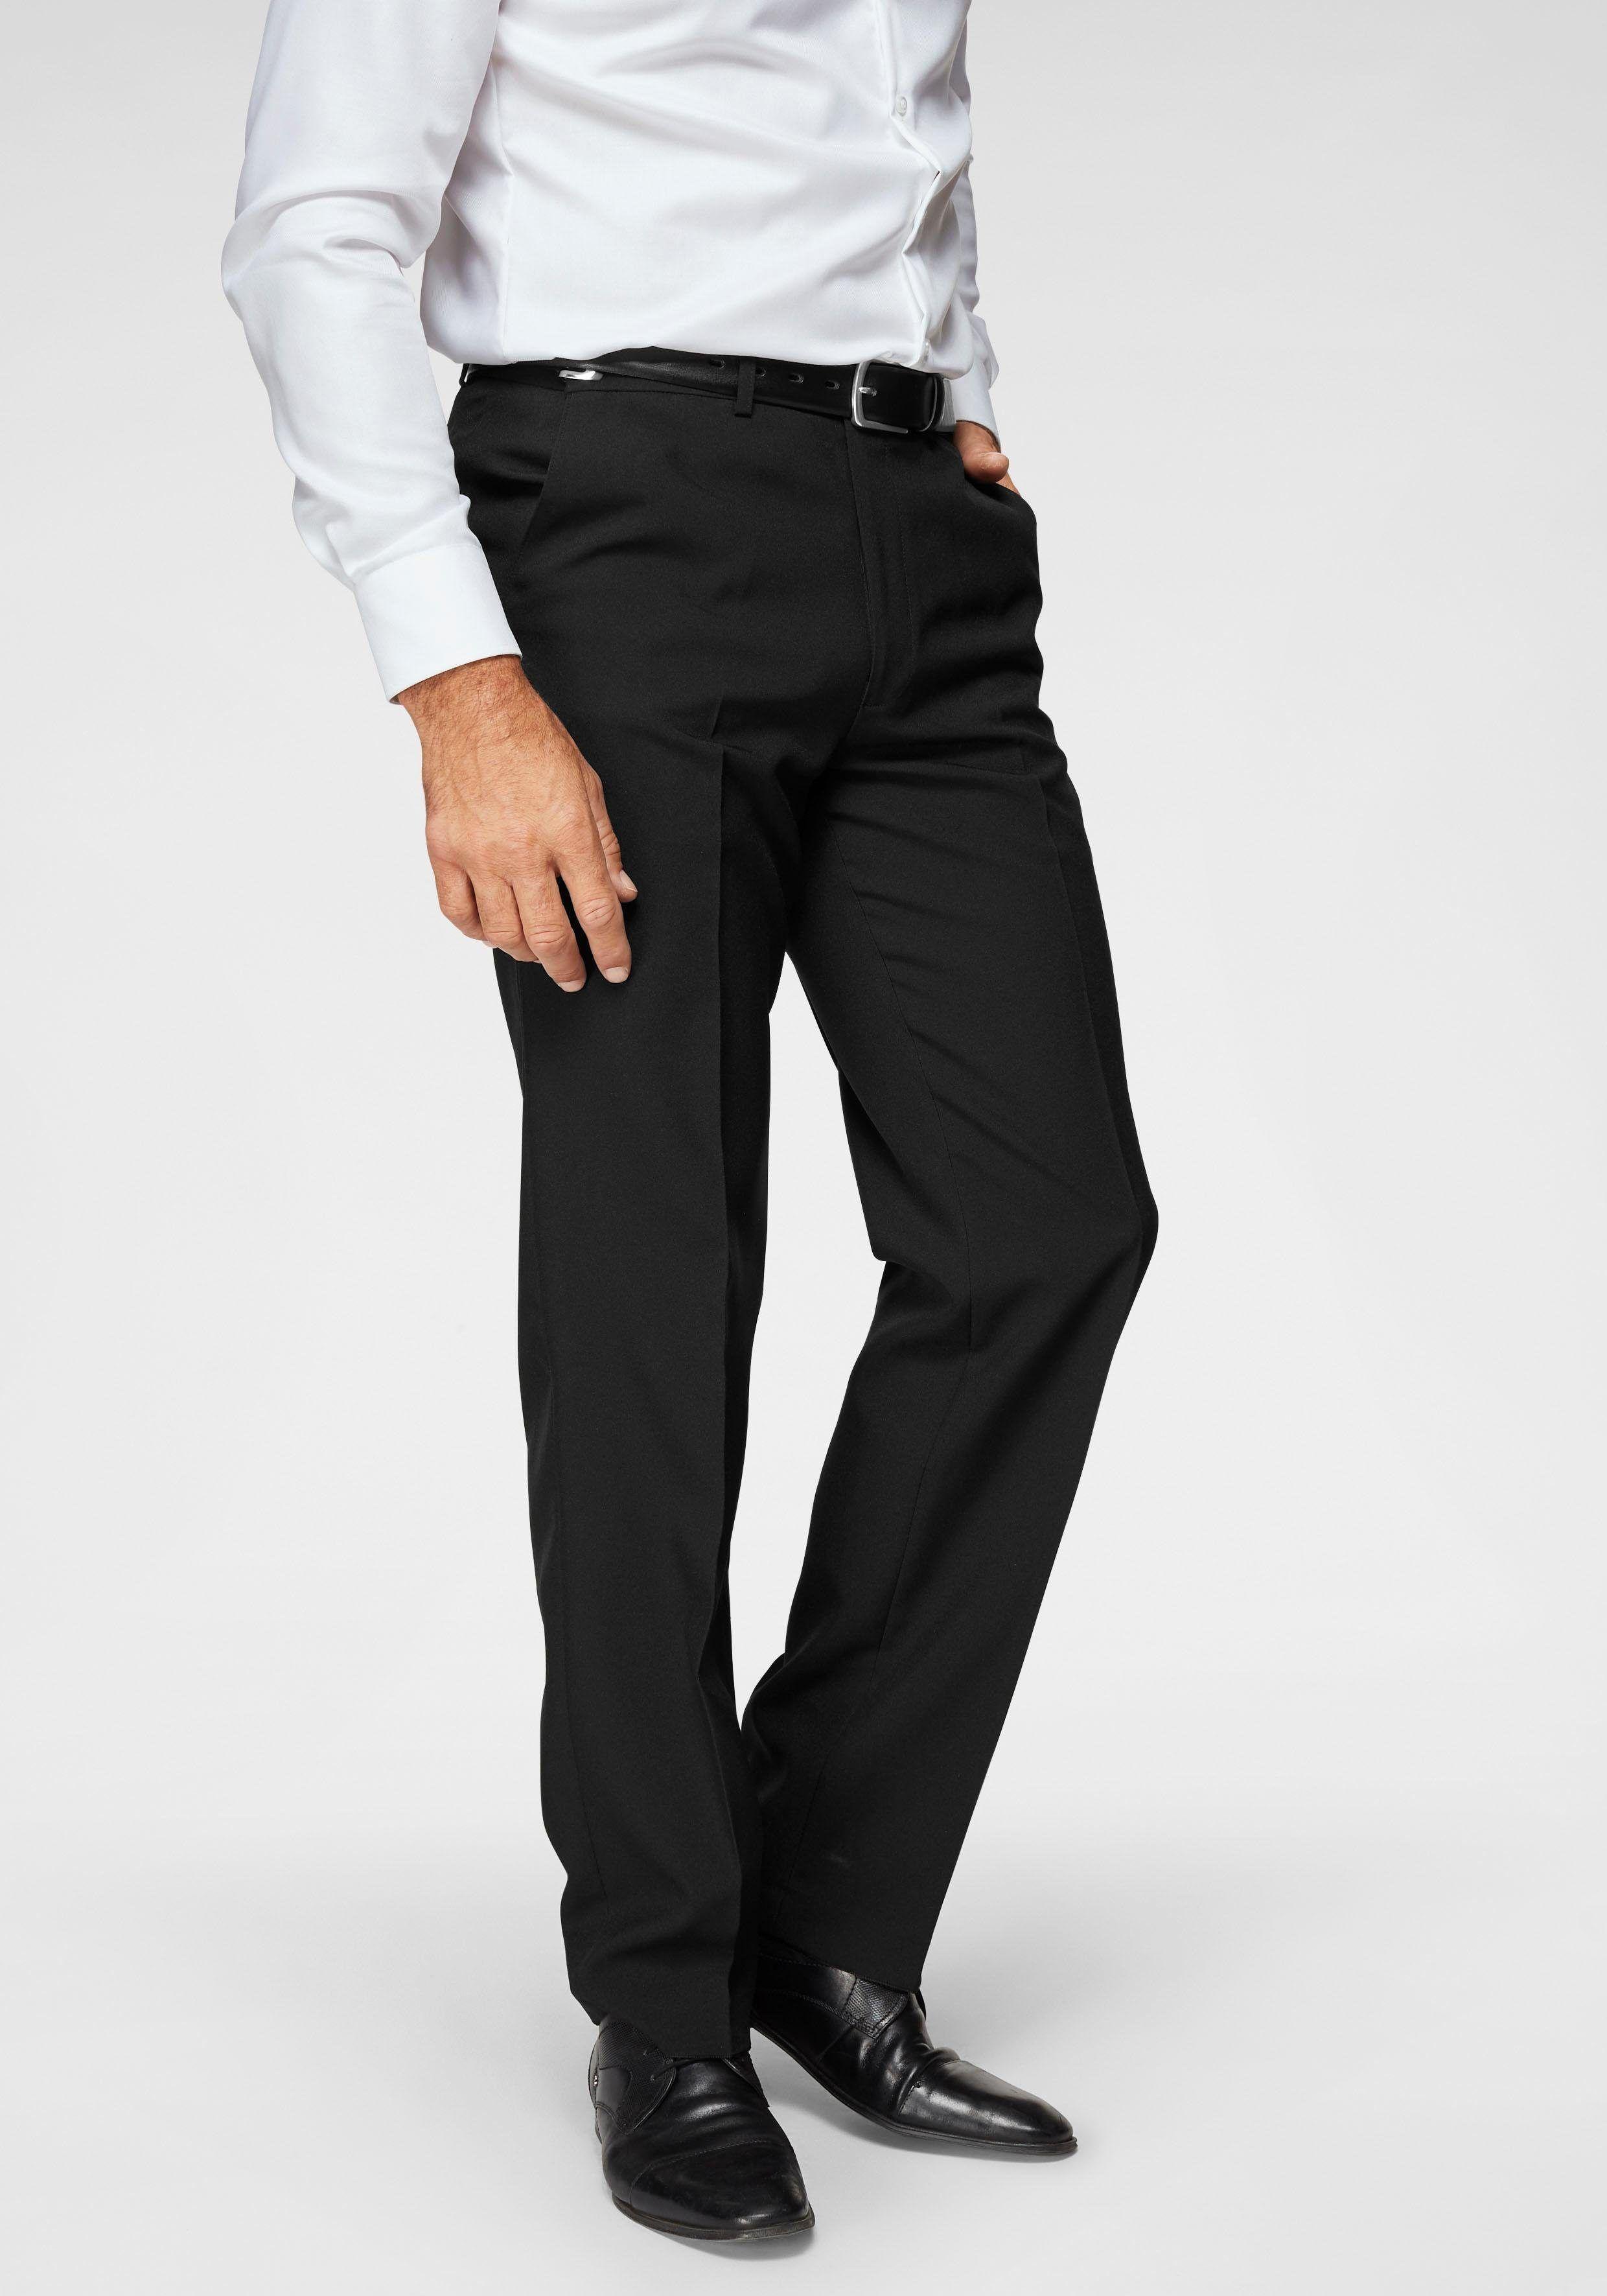 Lässige und attraktive Anzughose für Männer | Mode | Anzug